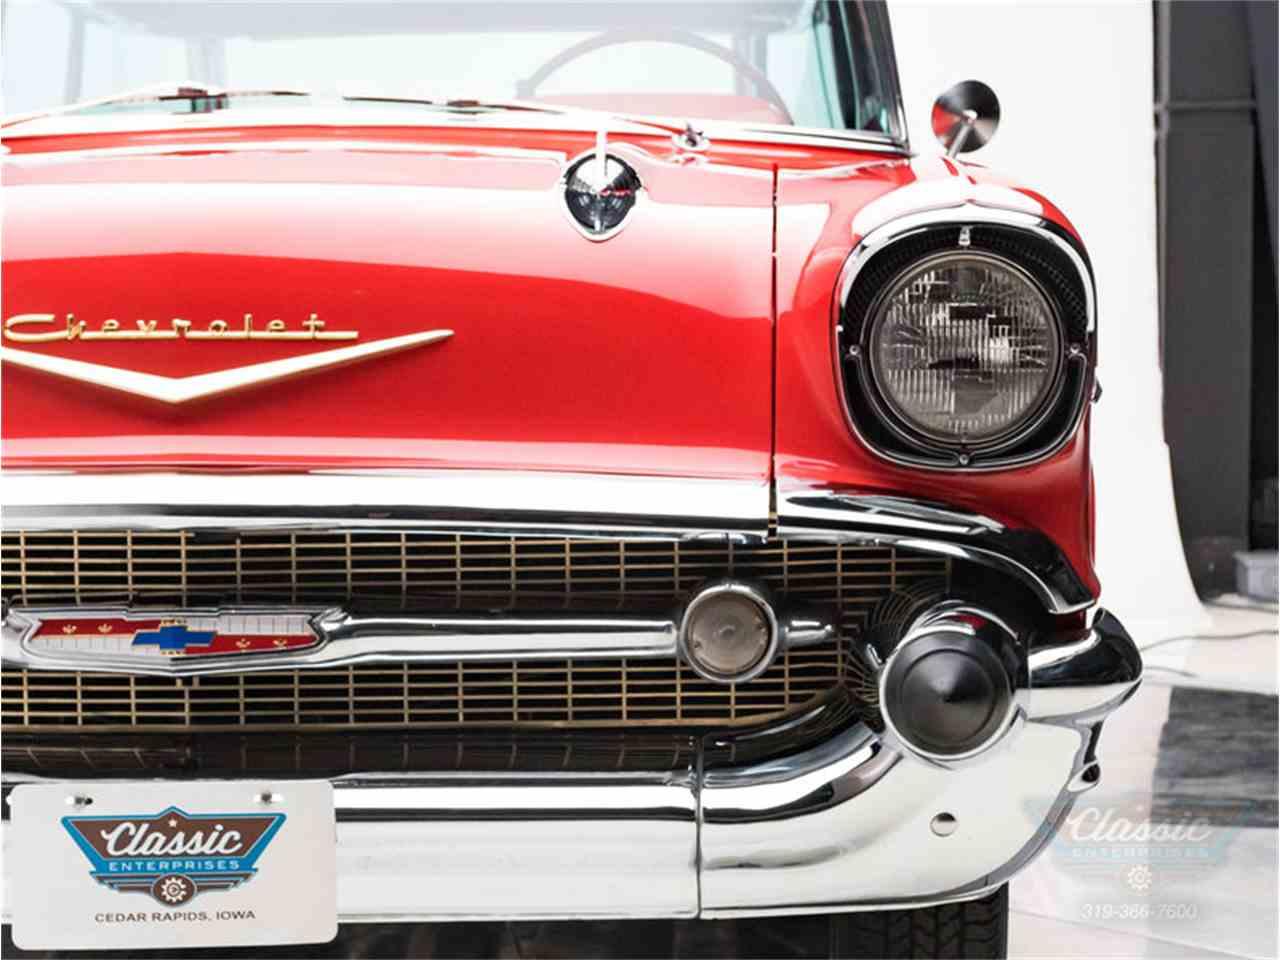 Classic Car Dealers Cedar Rapids